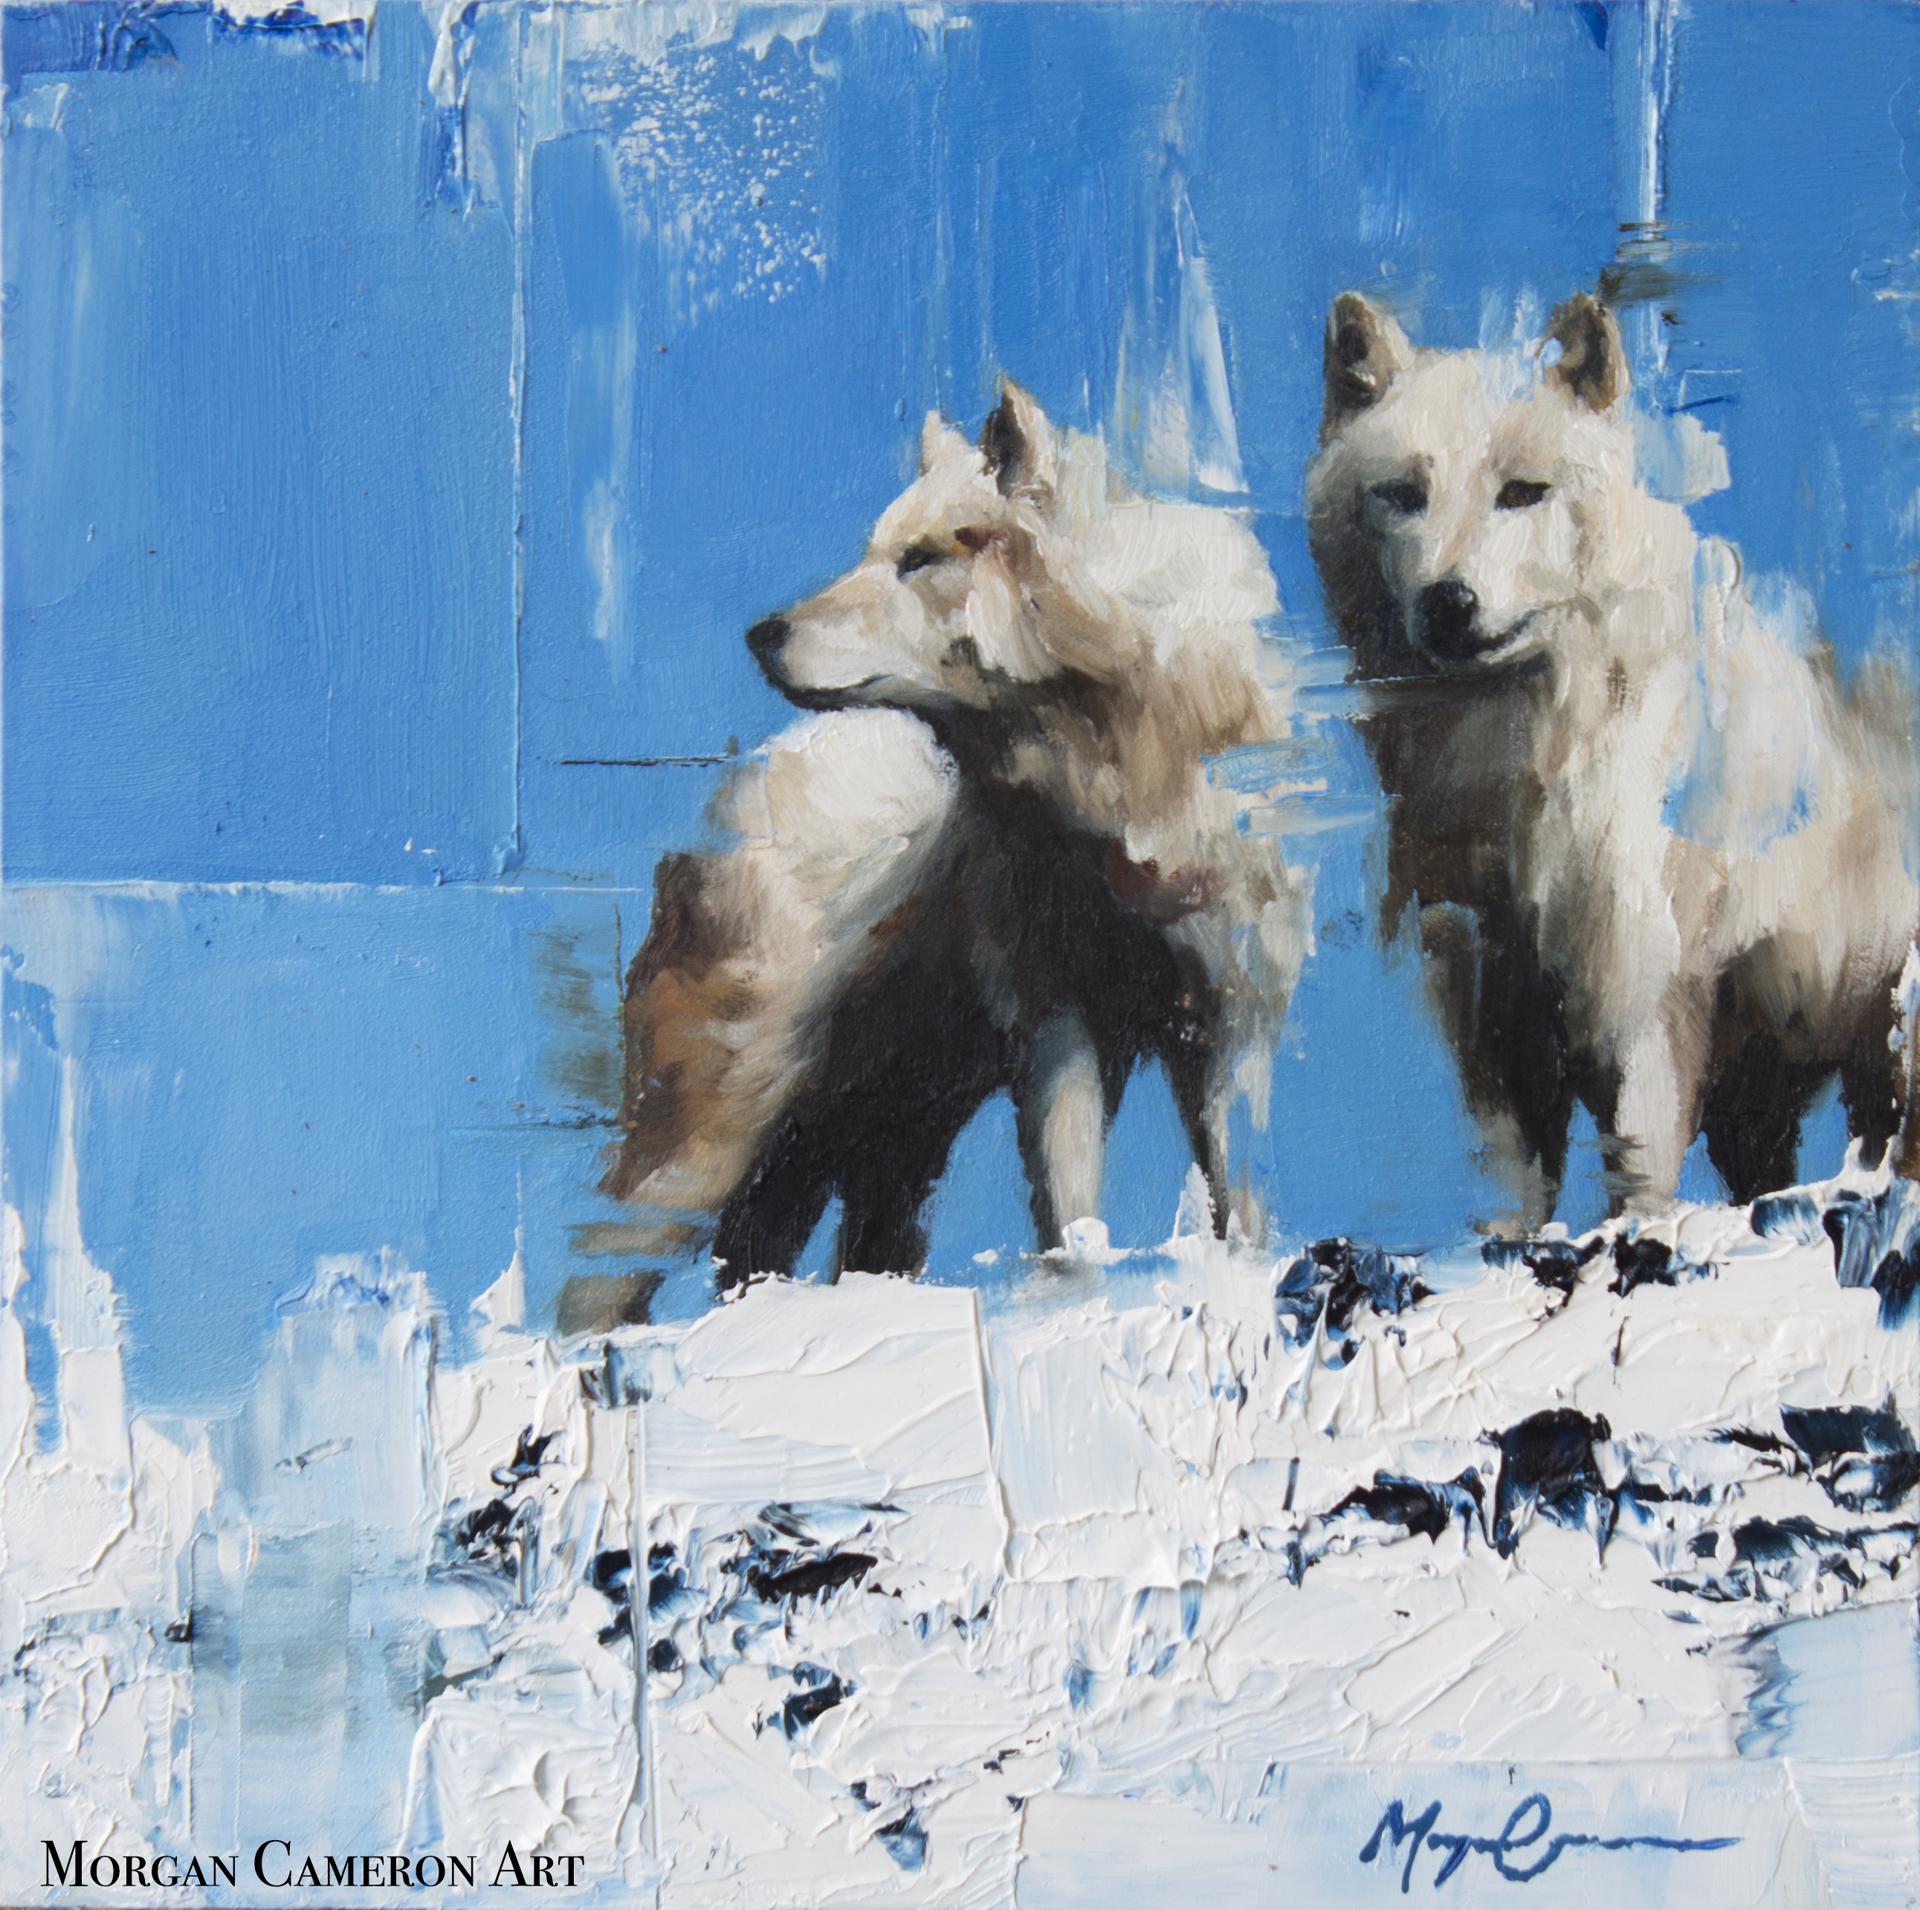 Shadows in the Snow by Morgan Cameron